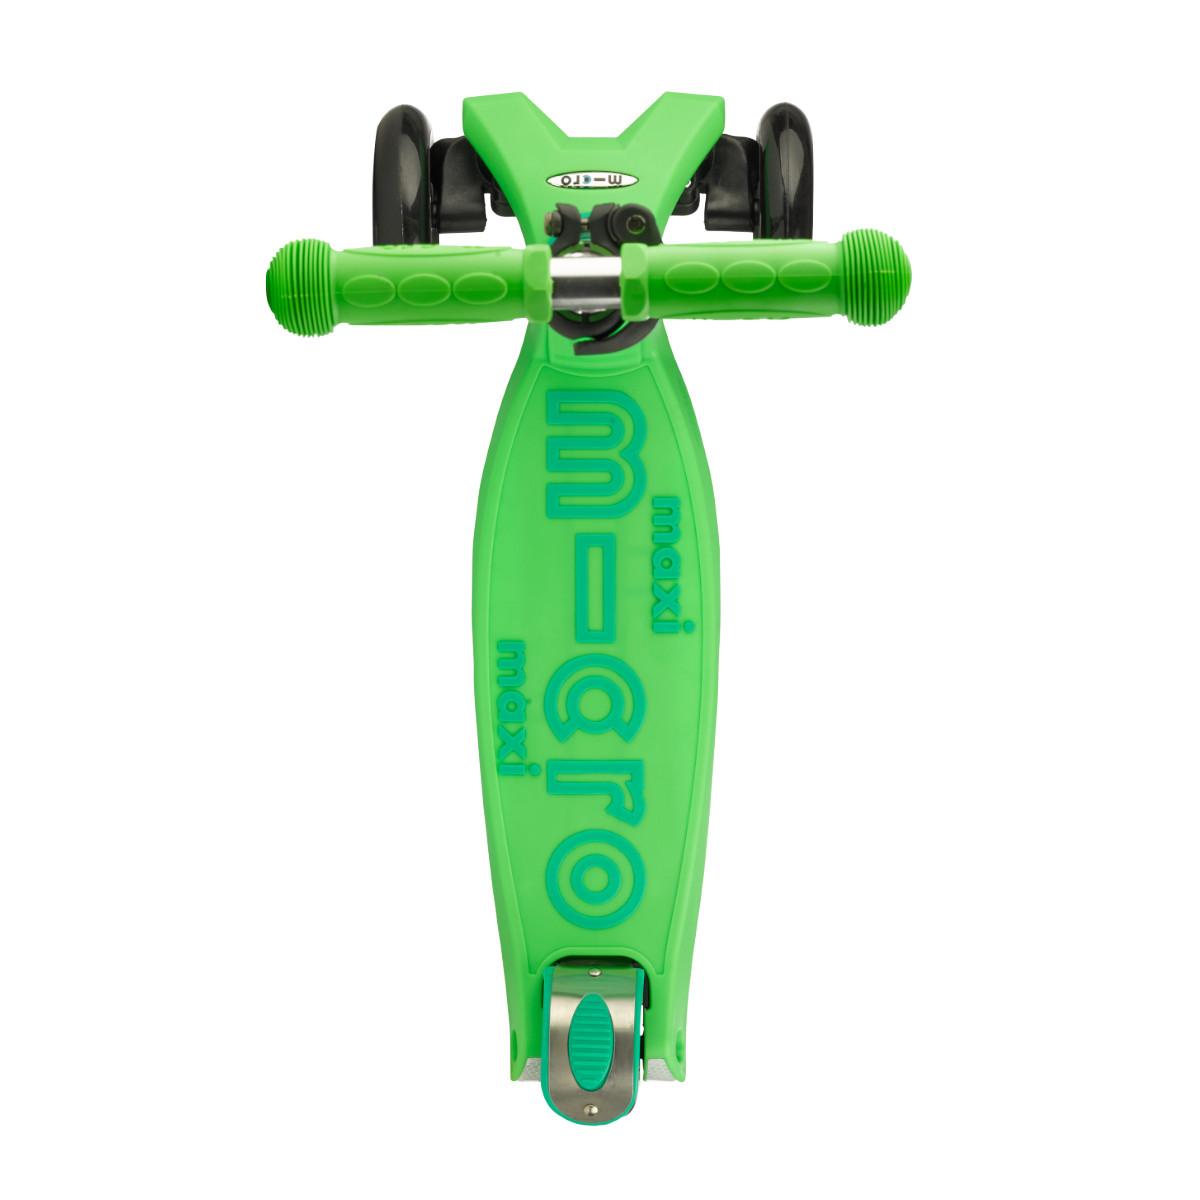 Maxi Micro Deluxe Green - 05